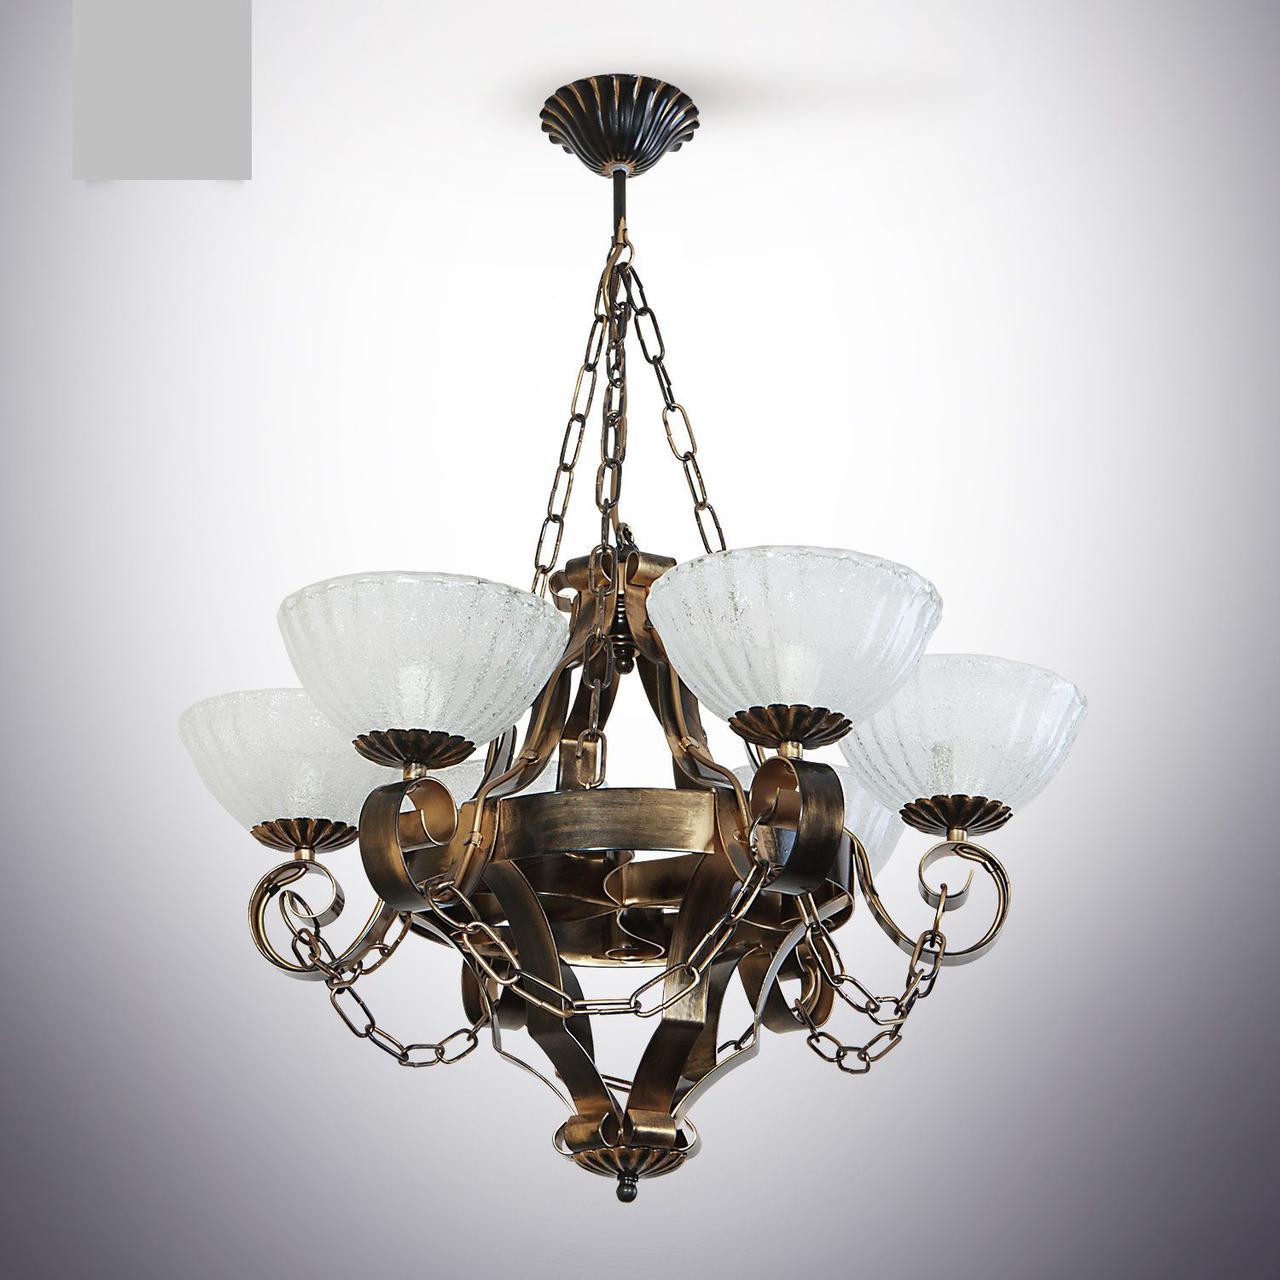 Люстра из дерева колесо 6 ламповая для кухни, кафе, ресторанов 19206